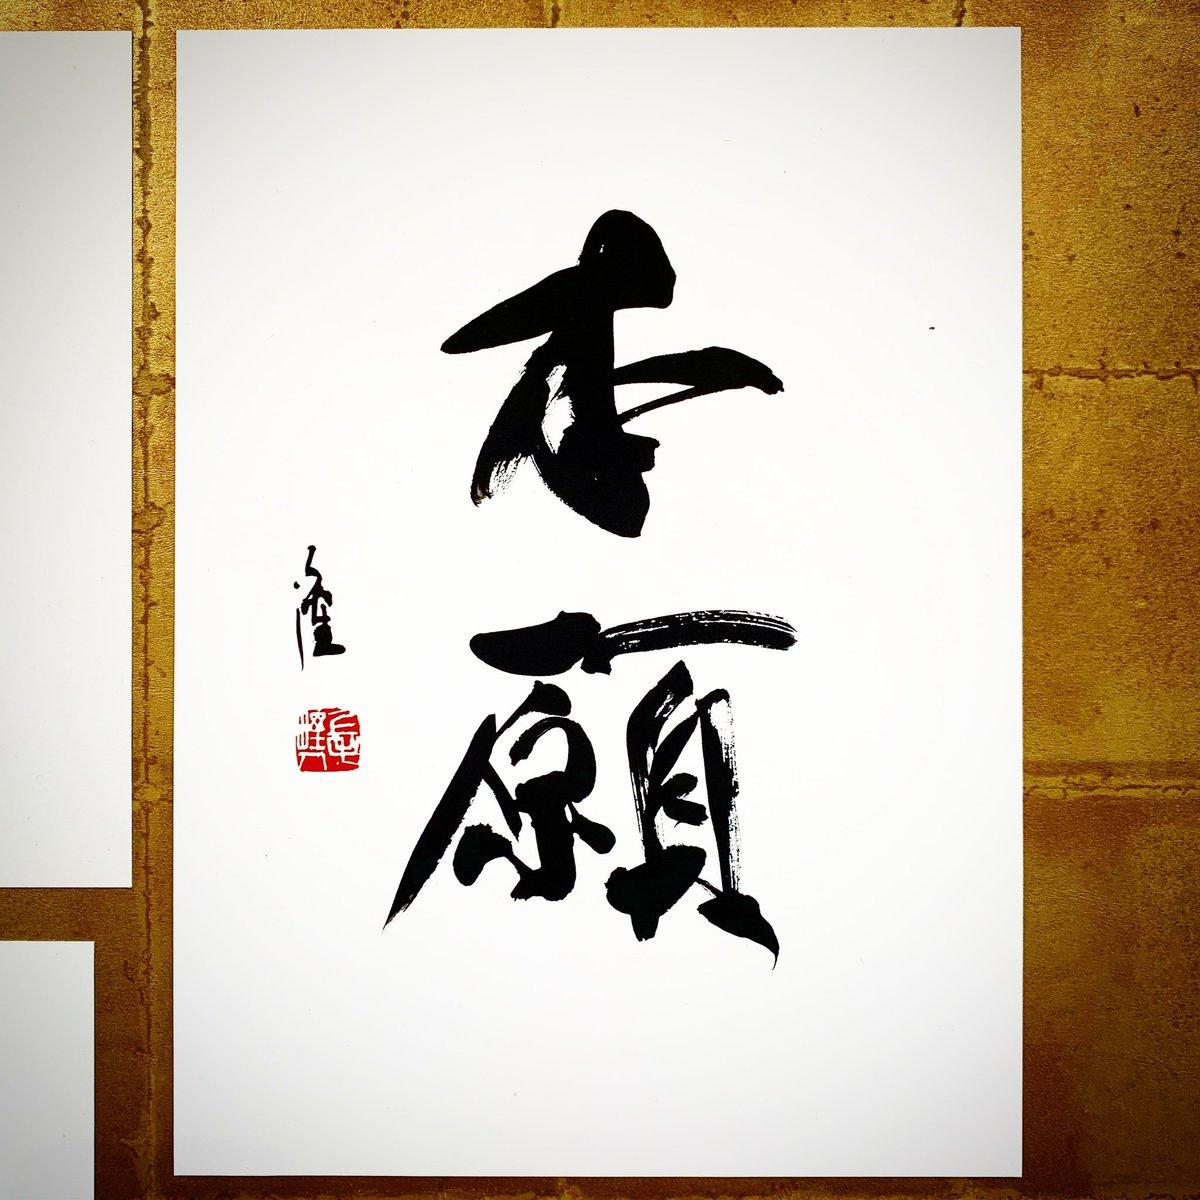 本願 #書 #書道 #書作品 #書芸 #書法 #芸術 #書道教室 #筆文字 #墨 #漢字 #習字 #手書き #習字教室 #永田灌櫻書道教室 #art #beauty #instagood #instadaily #japan #japanese #japanesecalligraphy  #calligrapher #artist #artistsoninstagram #永田灌櫻